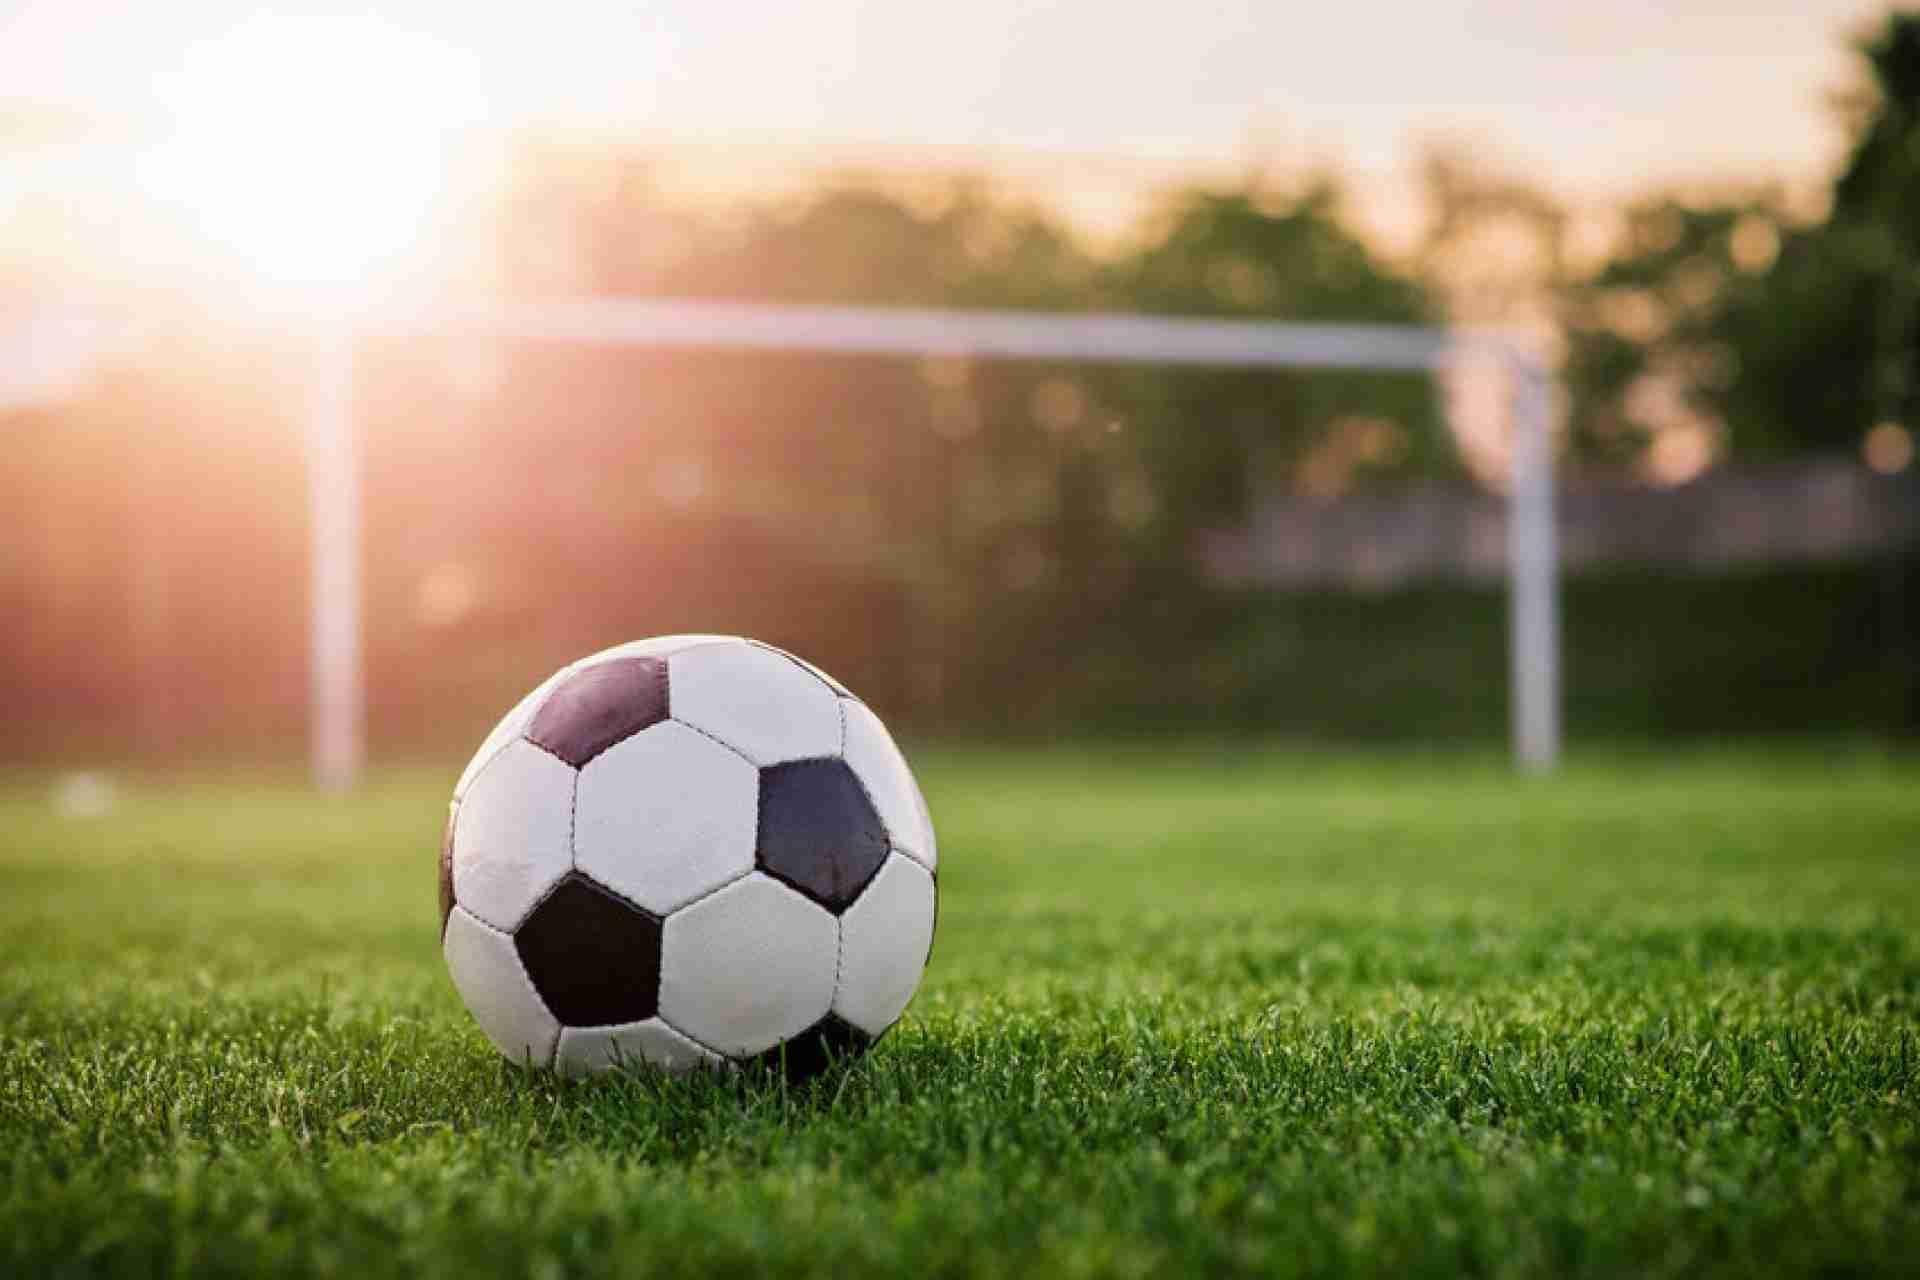 ФИФА выделила помощь Федерации футбола Казахстана